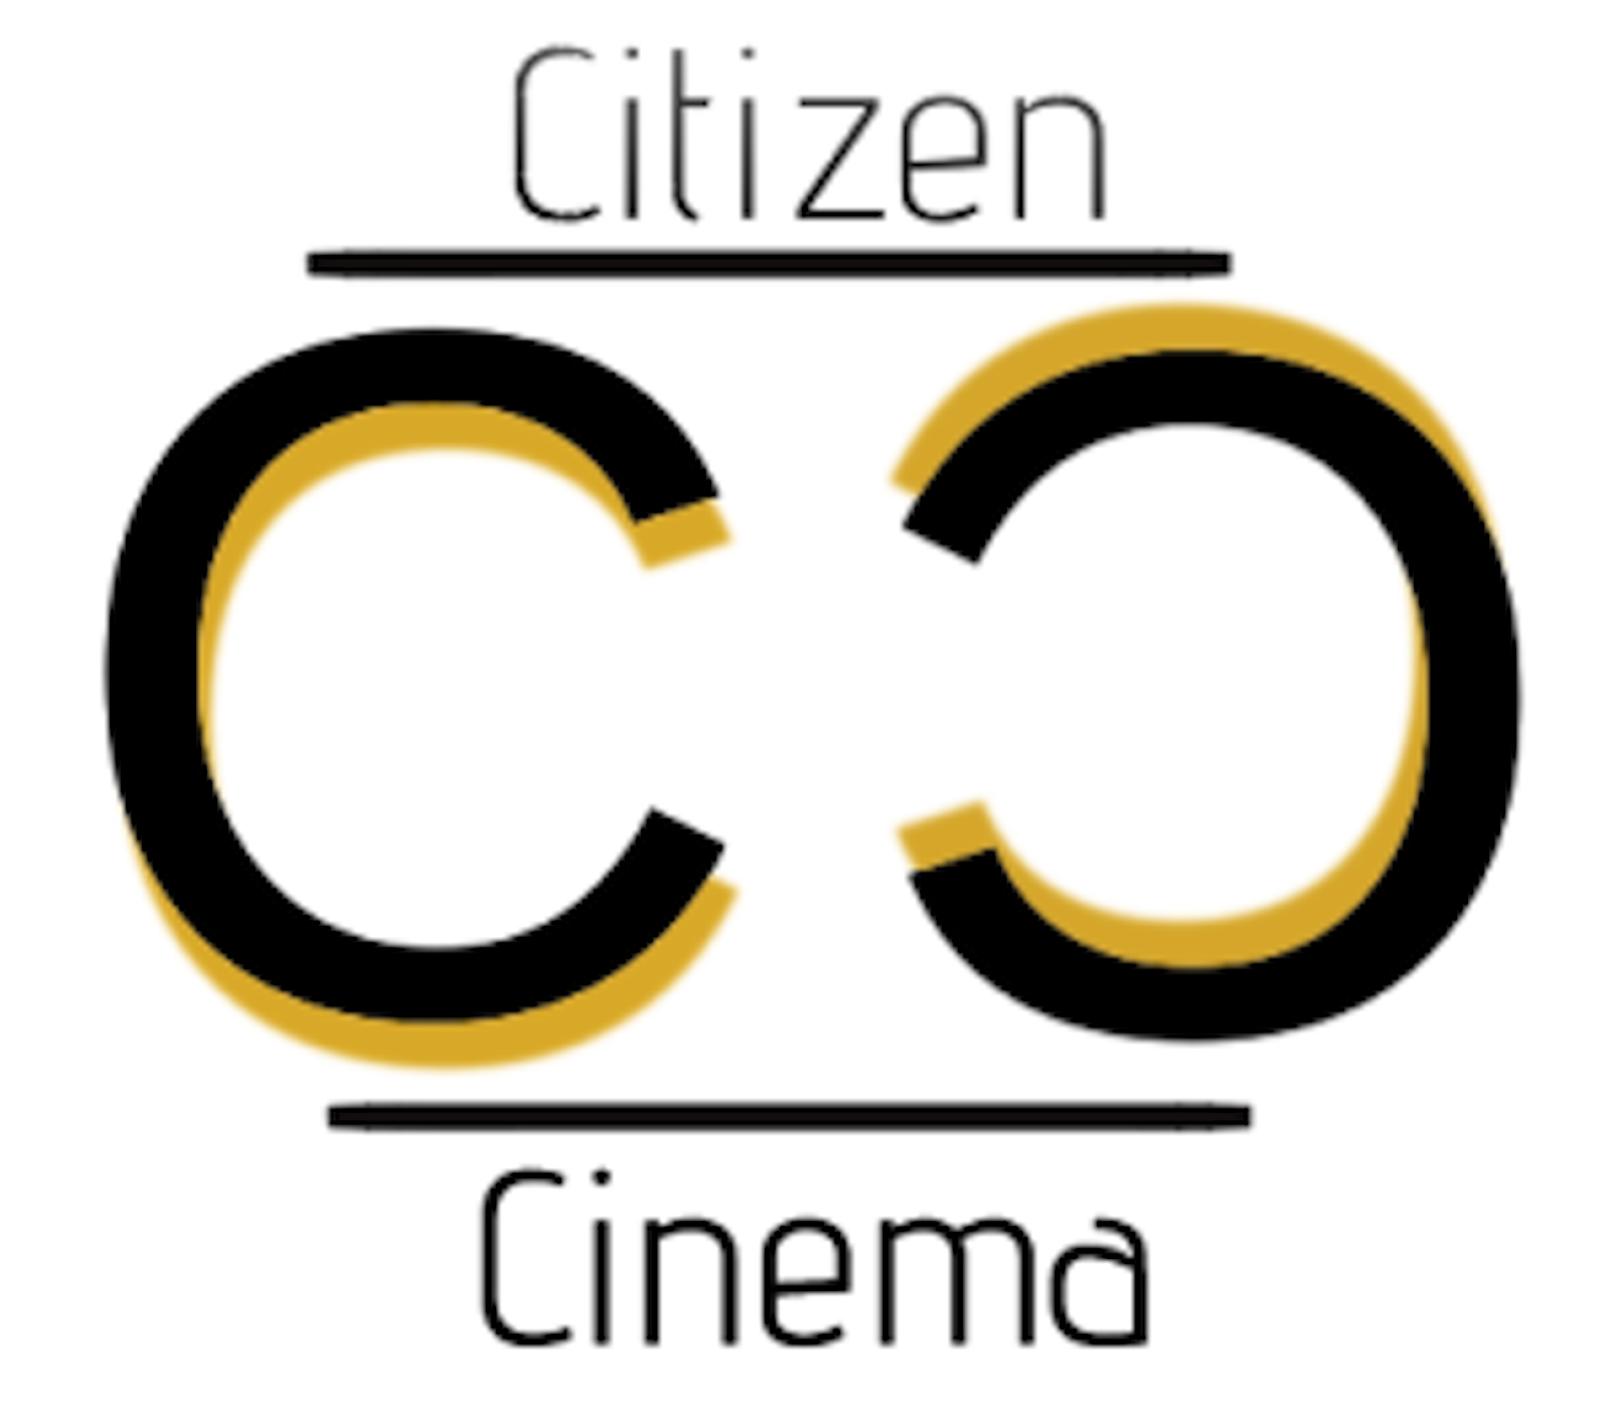 Citizen Cinema